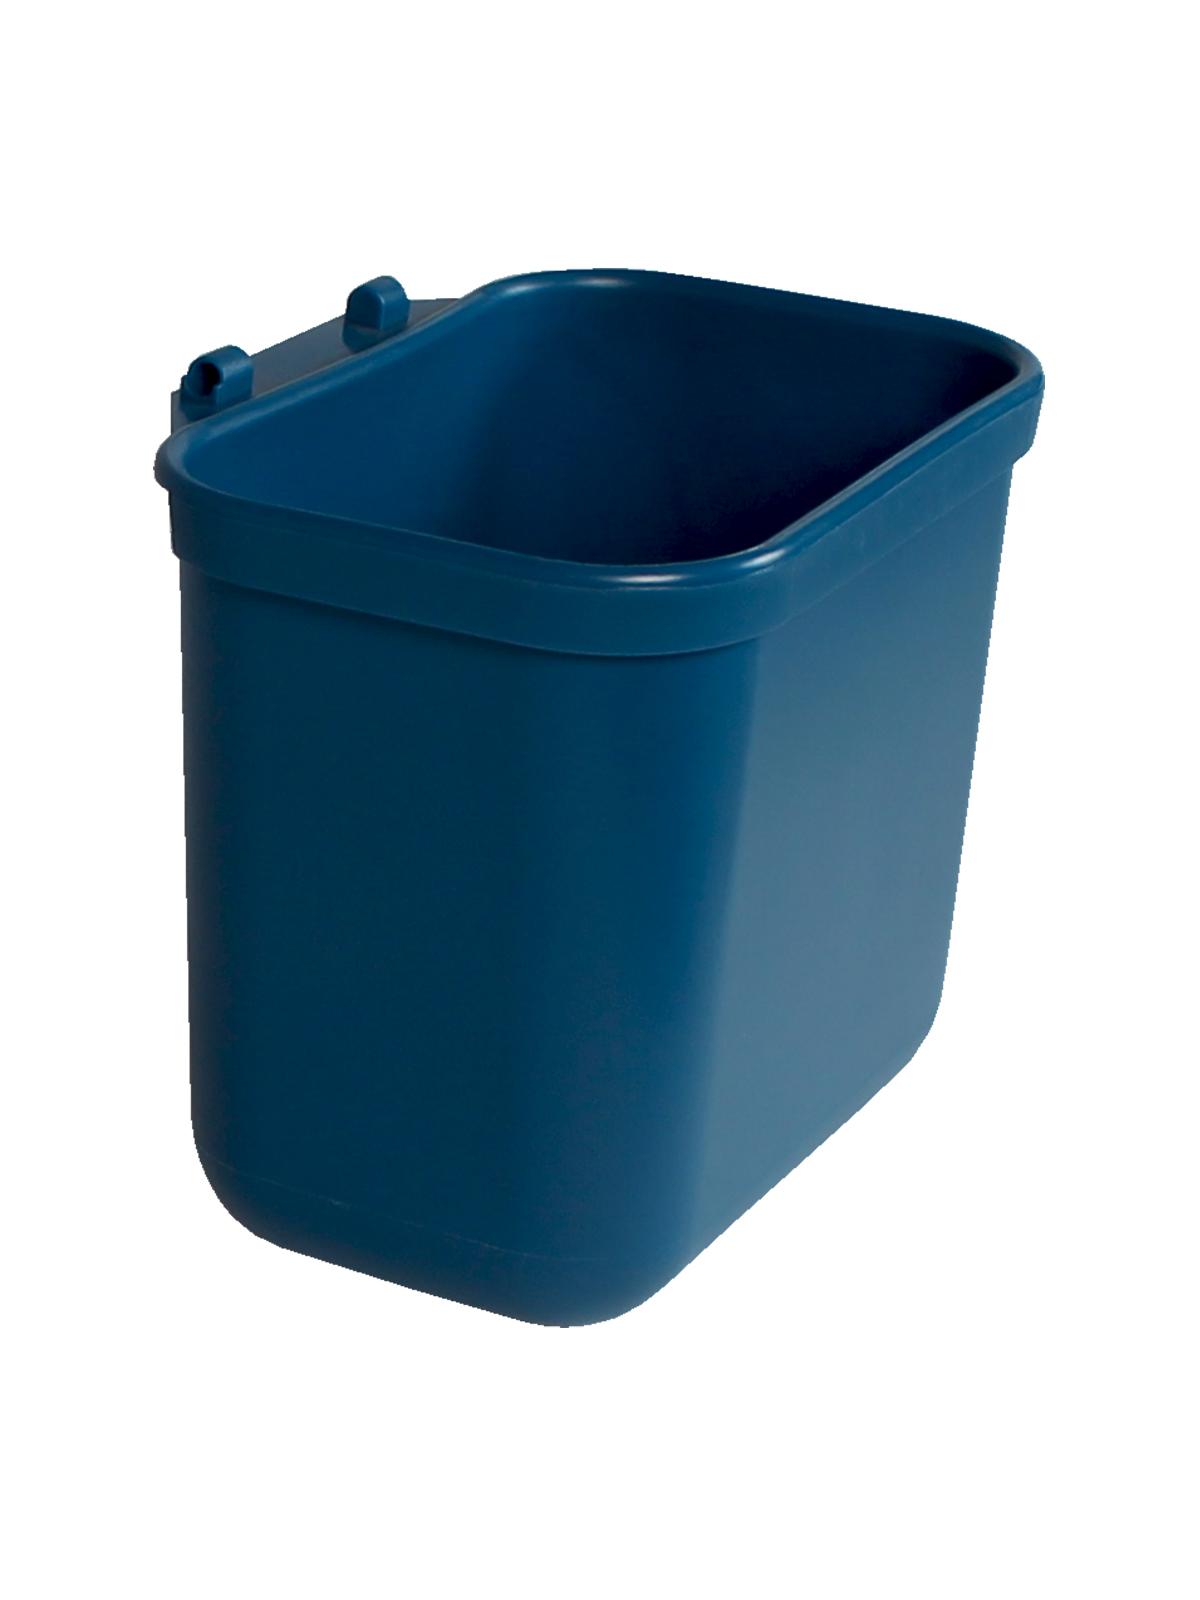 HANGING WASTE BASKET - Body - Busch Blue